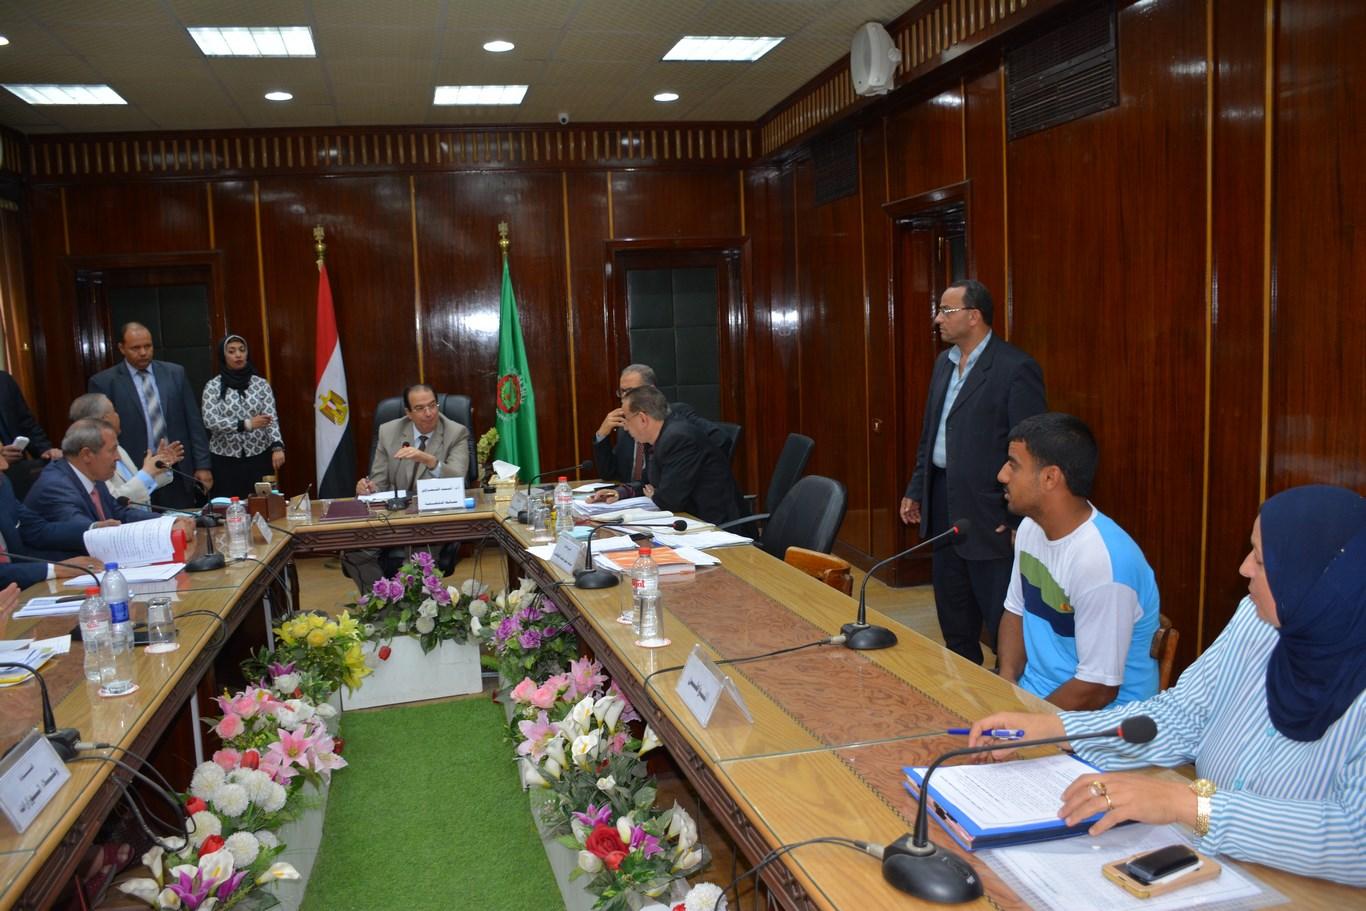 لقاء المحافظ بأعضاء الجهاز التنفيذي بالمحافظة (8)